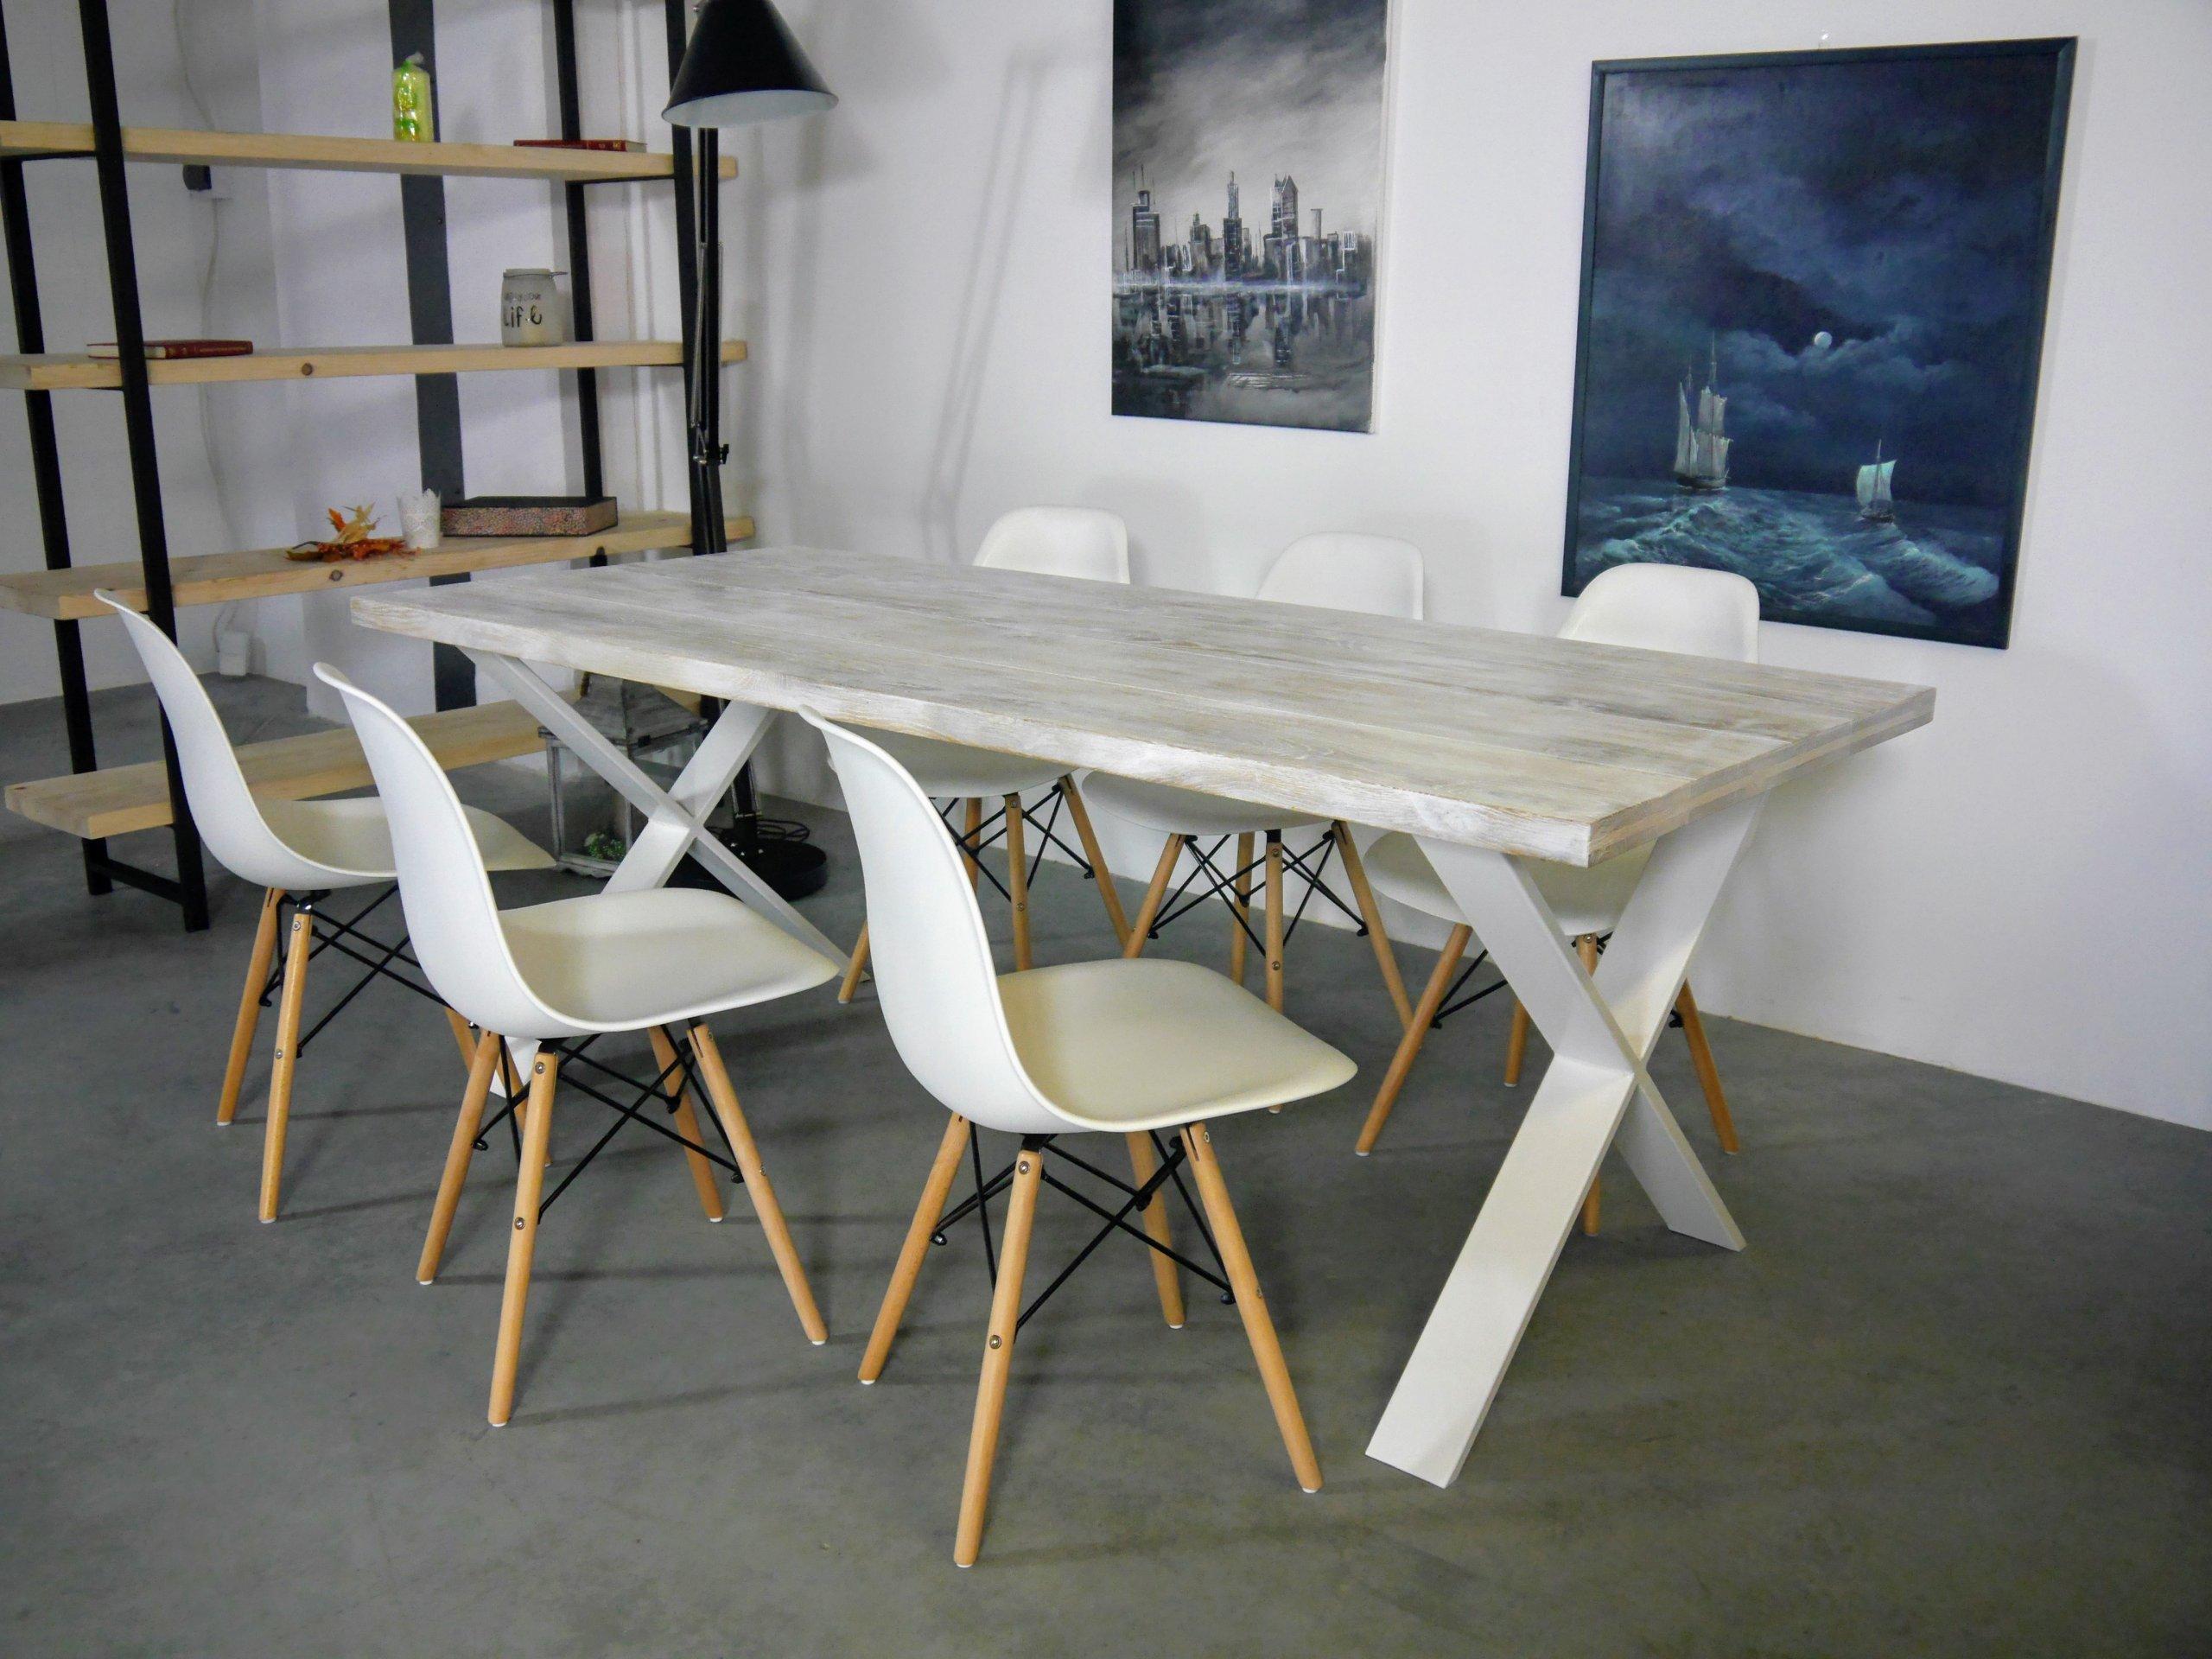 konferenčný stolík loftowy staré Toskánskej Škandinávskych